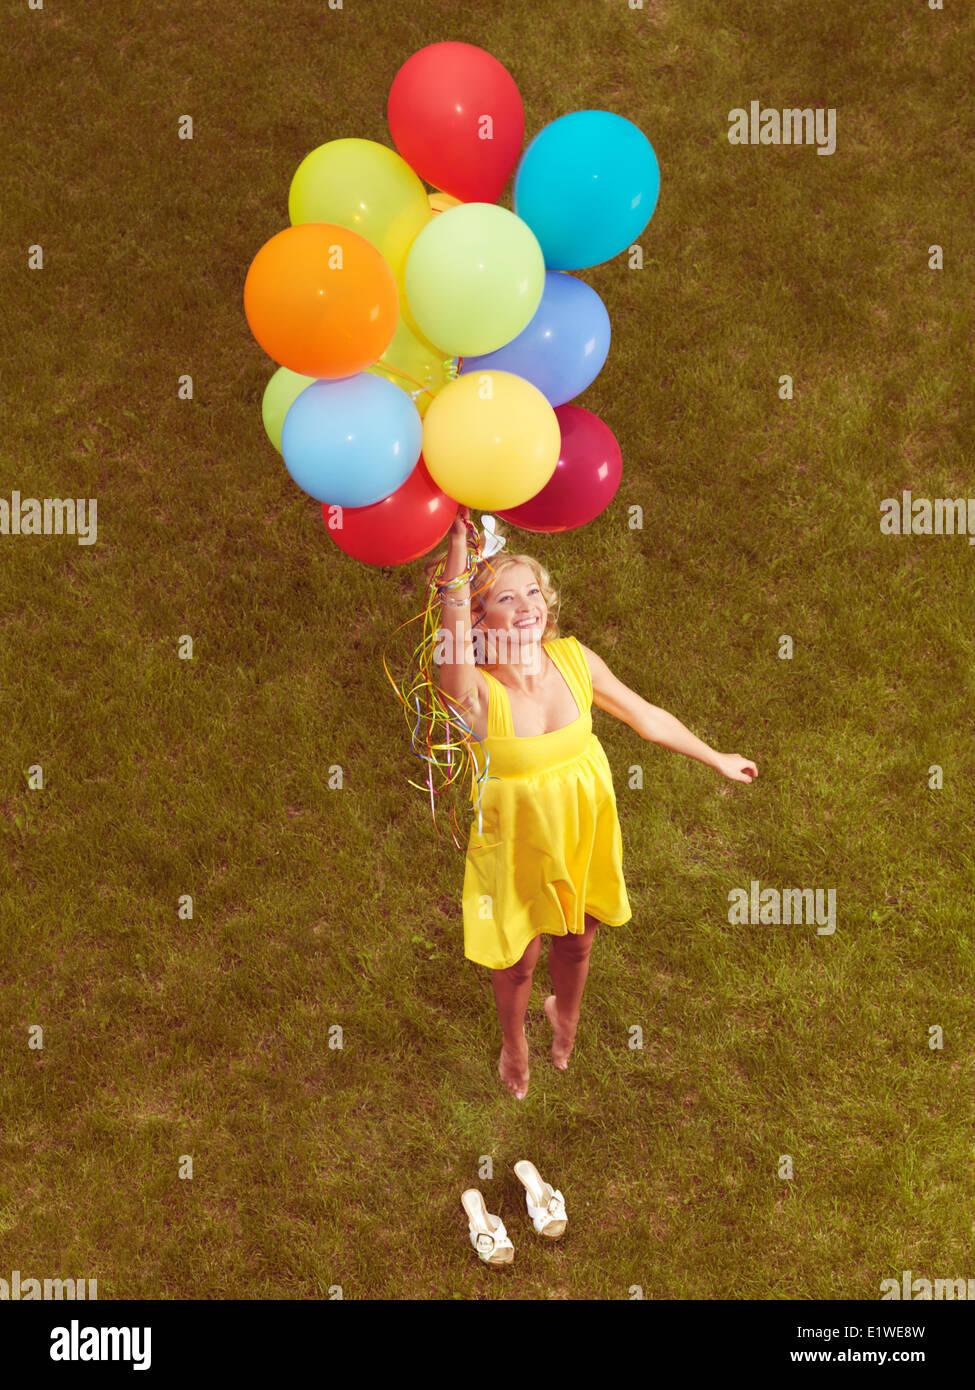 Feliz joven en amarillo vestido de verano volando desde el suelo con coloridos globos de helio, retro foto estilizados. Imagen De Stock